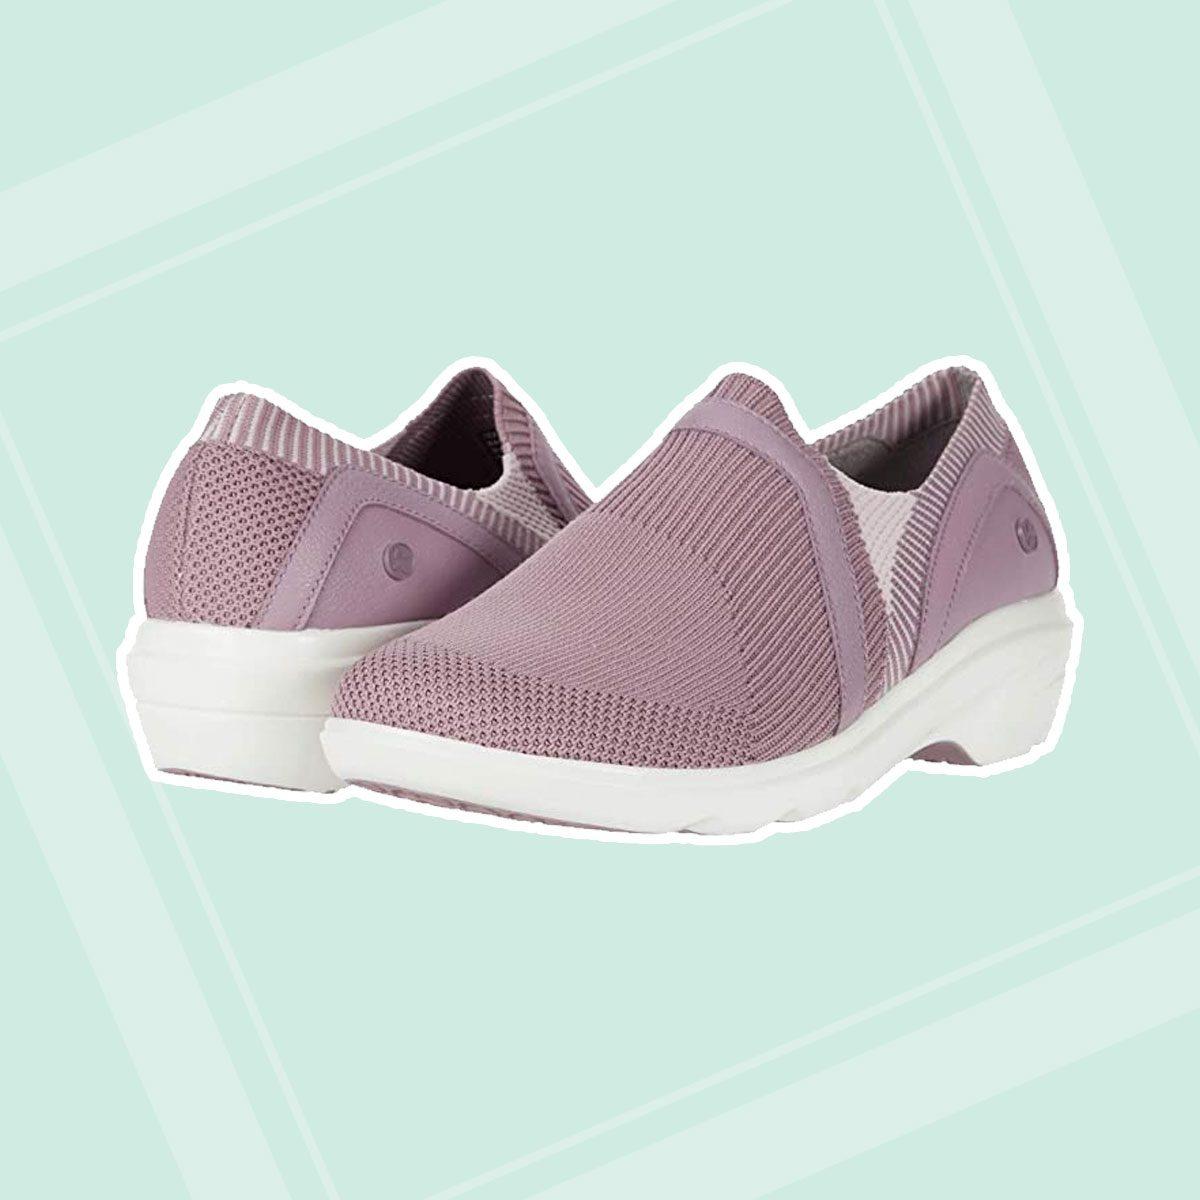 Klogs Footwear Evolve